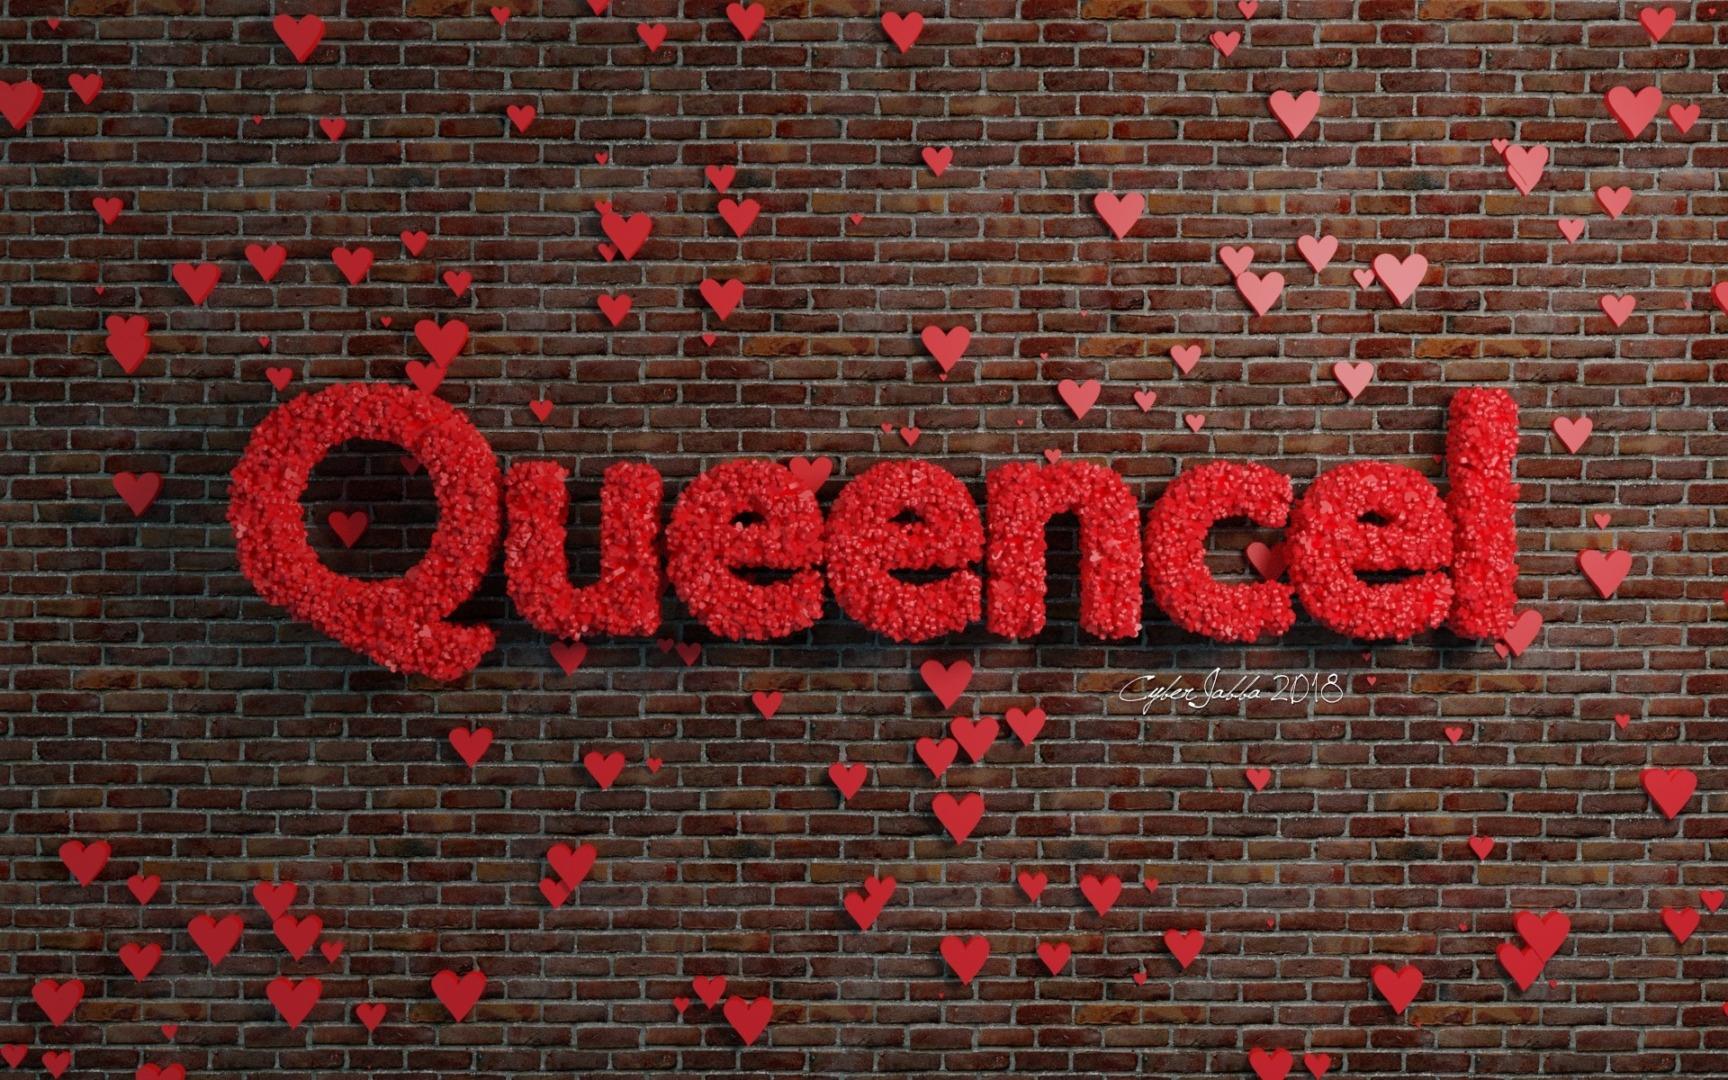 queencel